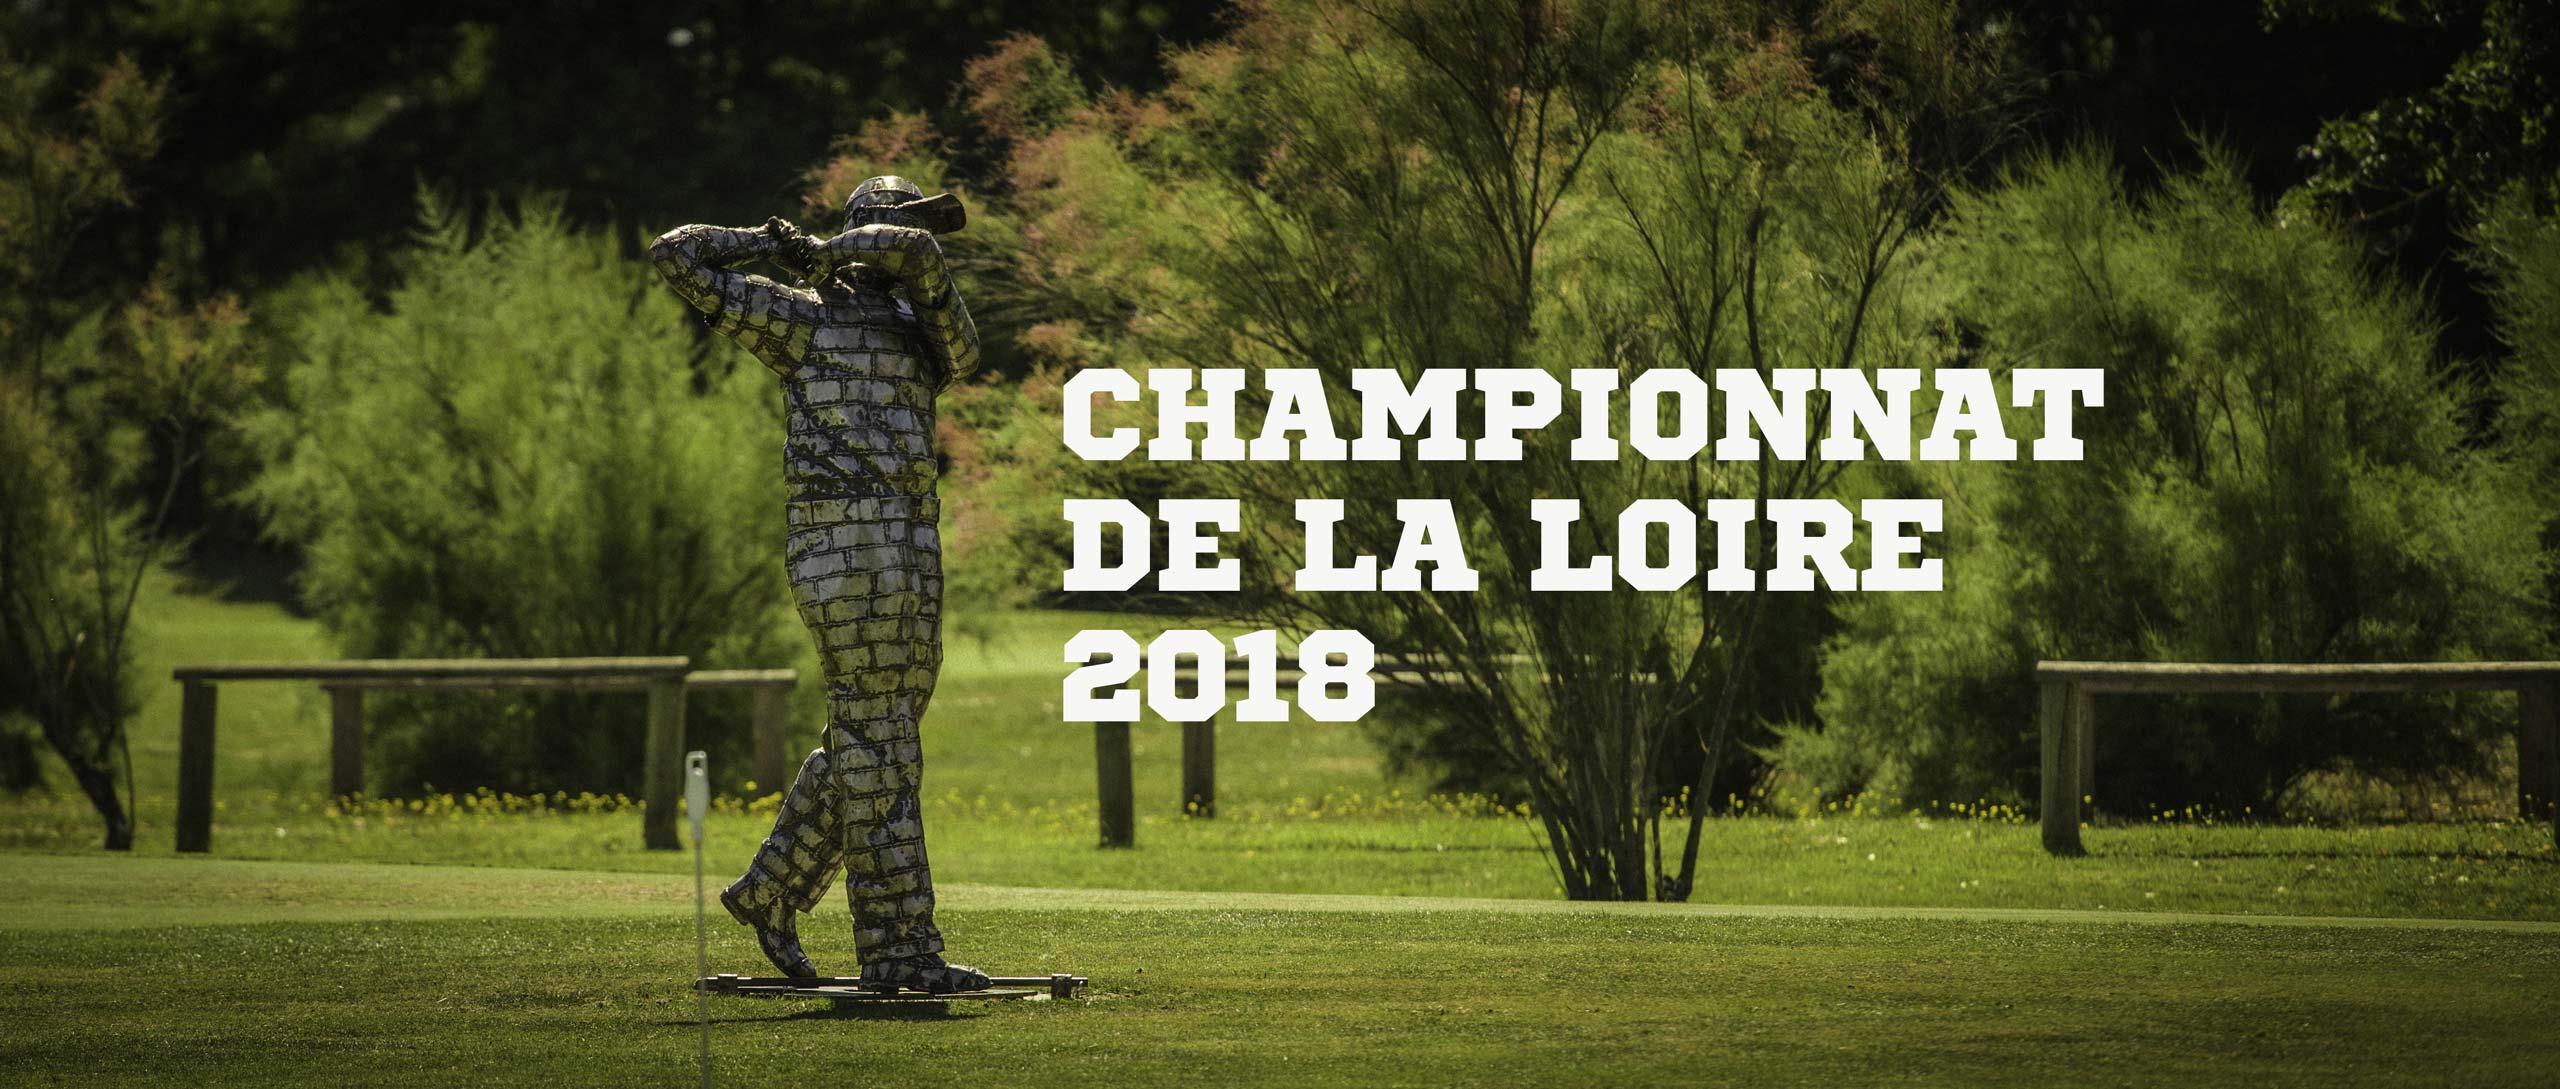 Championnat de la loire 2018